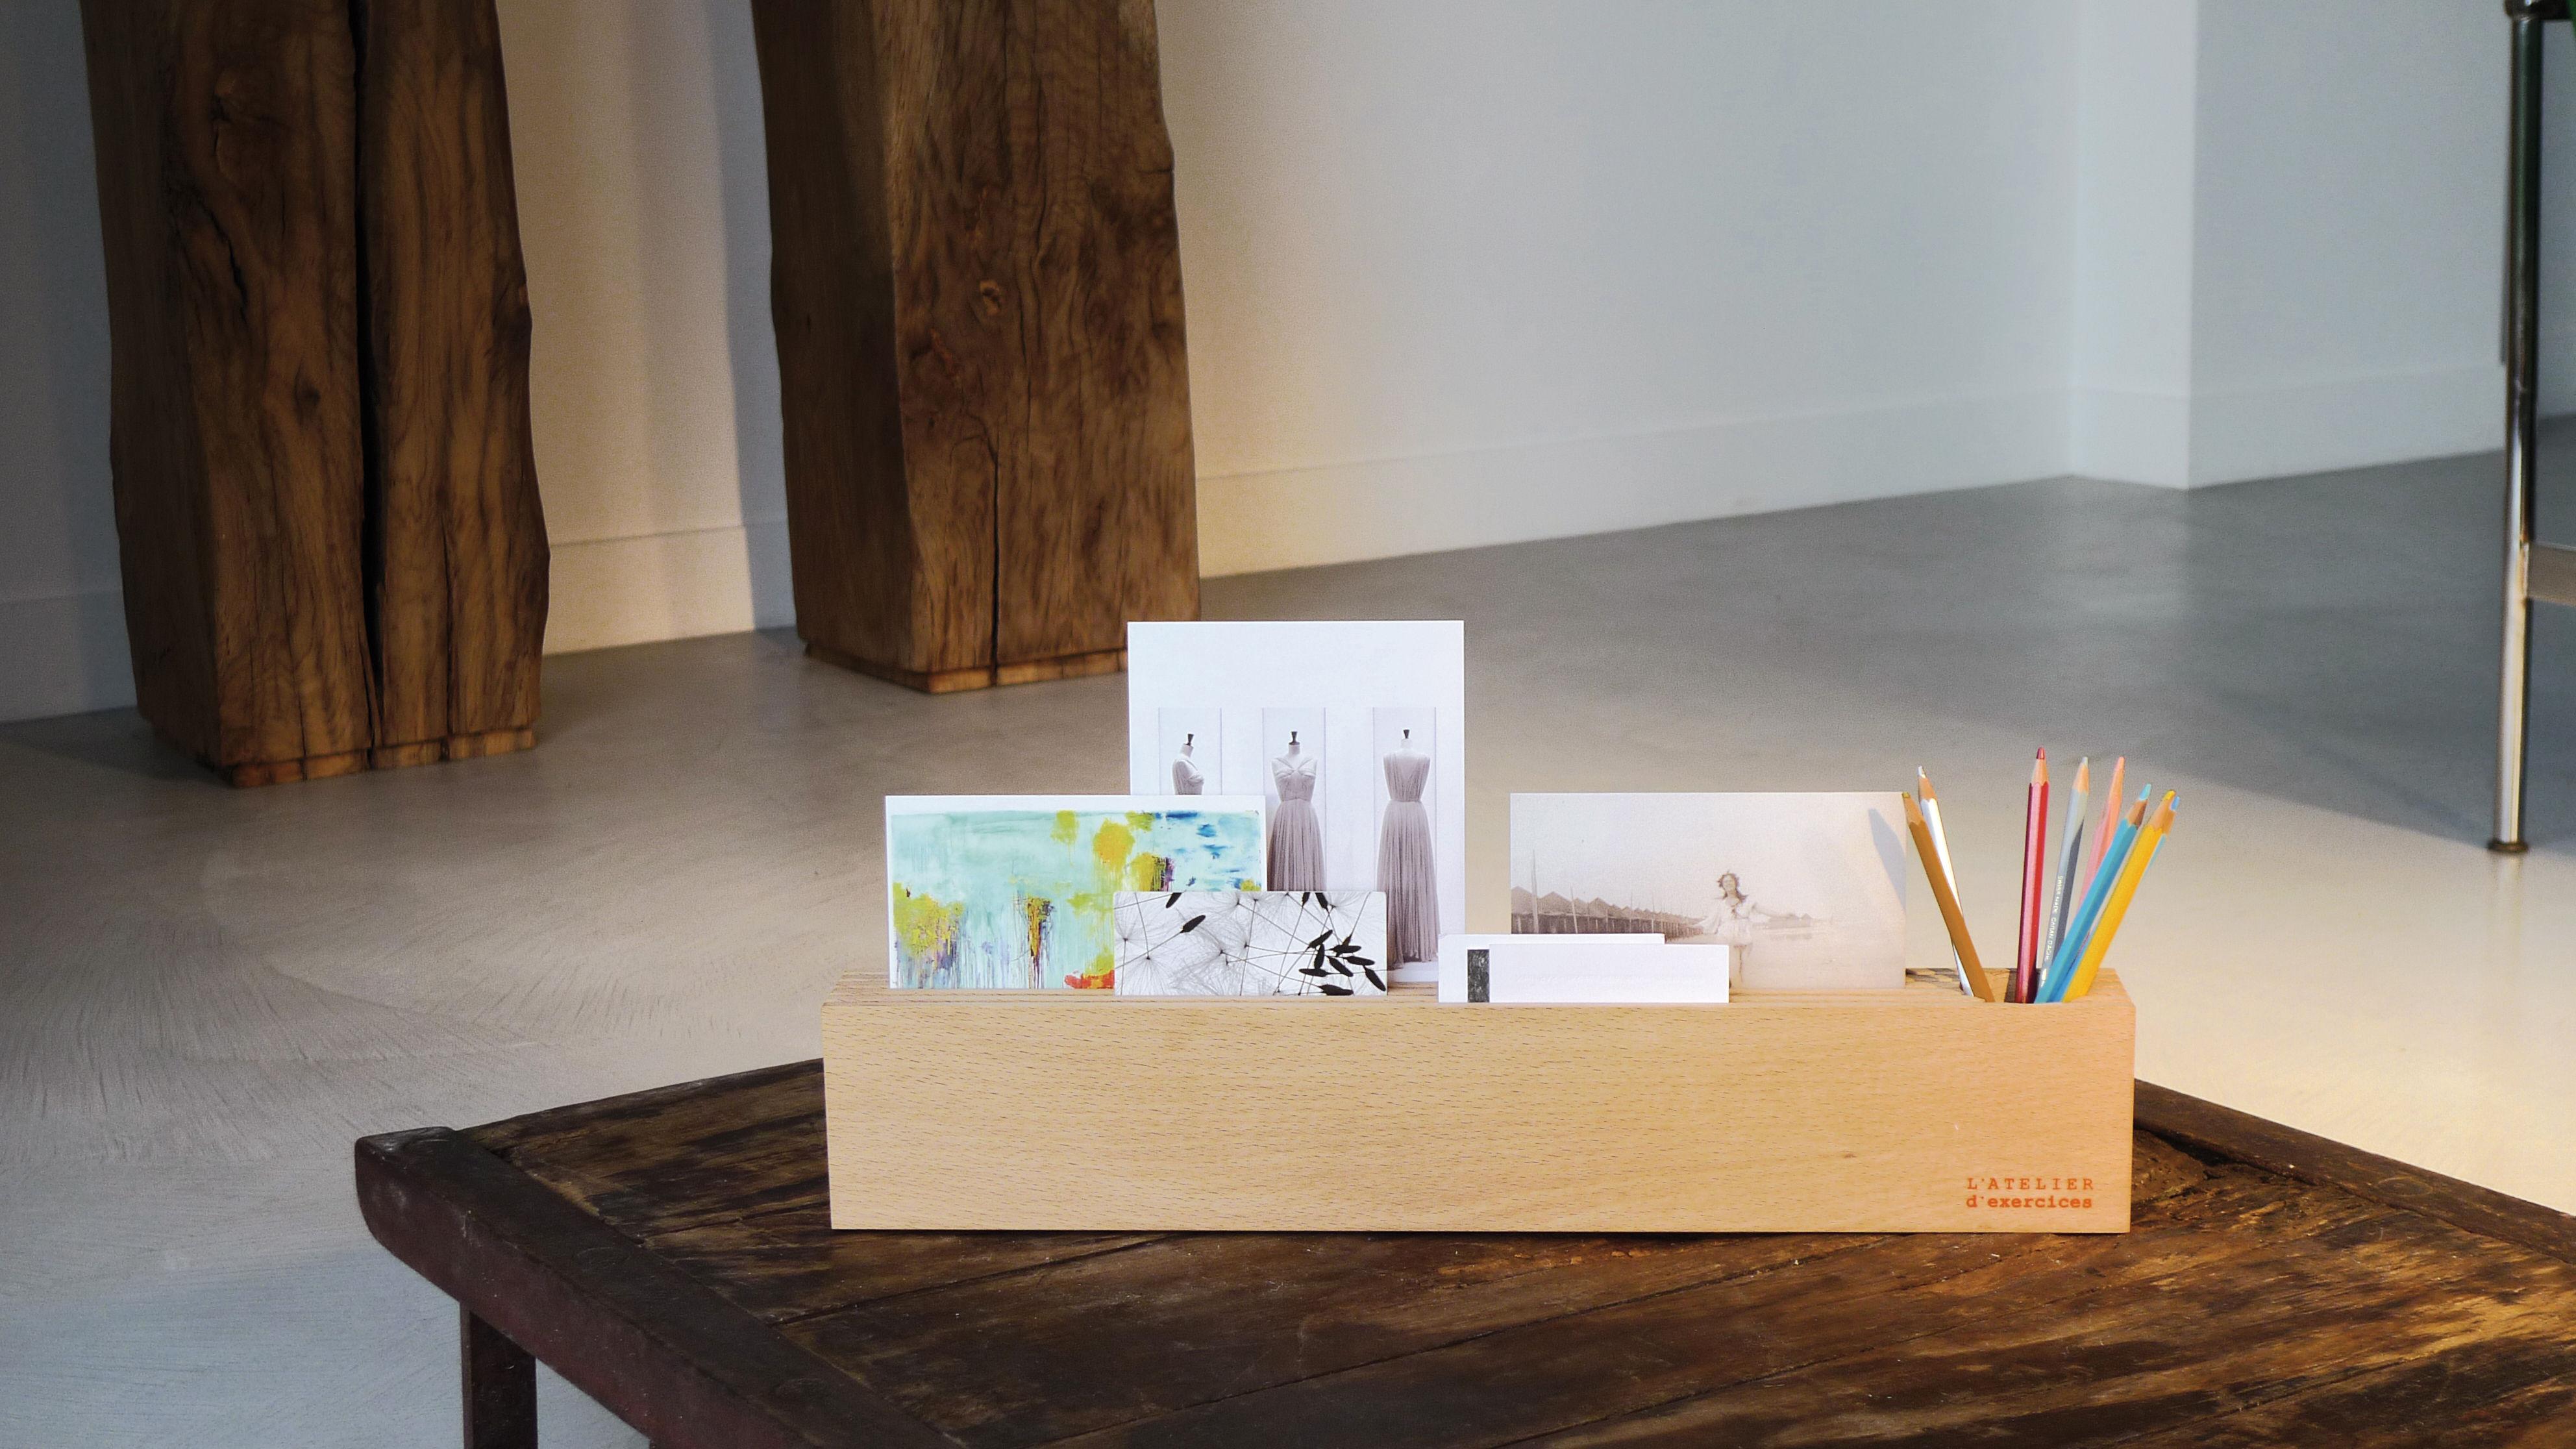 organiseur de bureau l 50 cm bois clair l 39 atelier d 39 exercices made in design. Black Bedroom Furniture Sets. Home Design Ideas